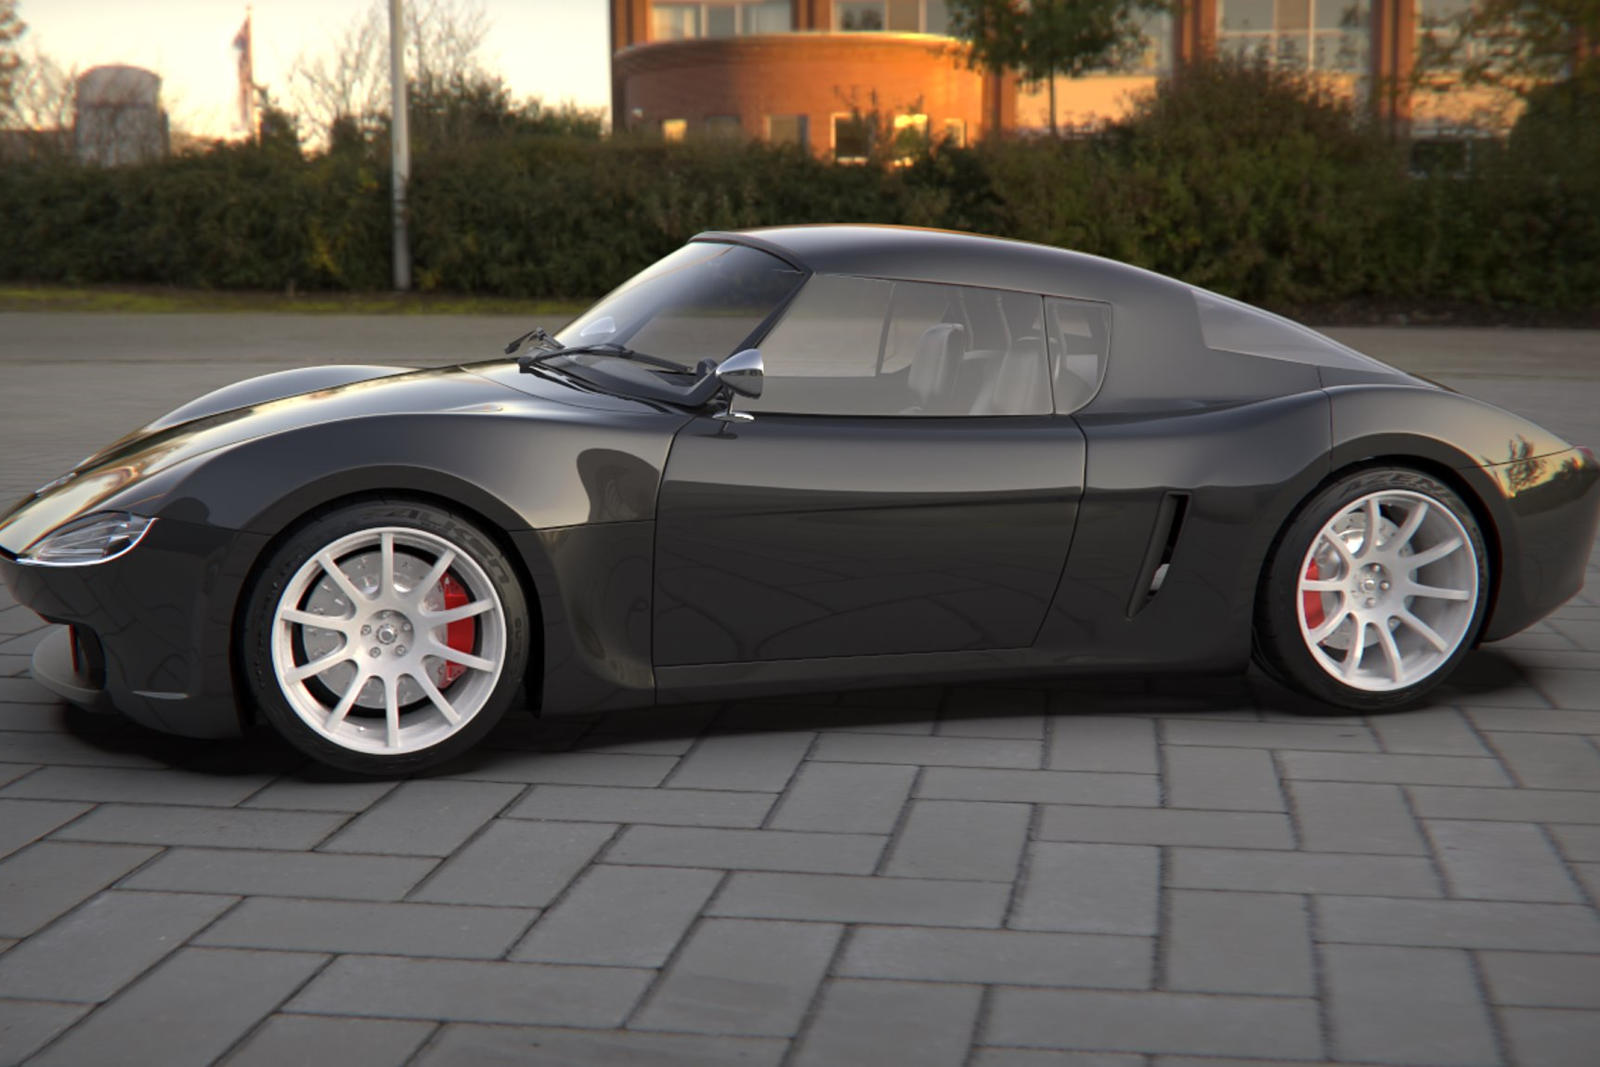 В планах также электрифицированный вариант Bandit GT с электродвигателями и батареями. Утверждается, что эти компоненты были произведены для гоночных авто компании AirRaceE. Заинтересованные клиенты теперь могут зарезервировать себе один из шестидеся